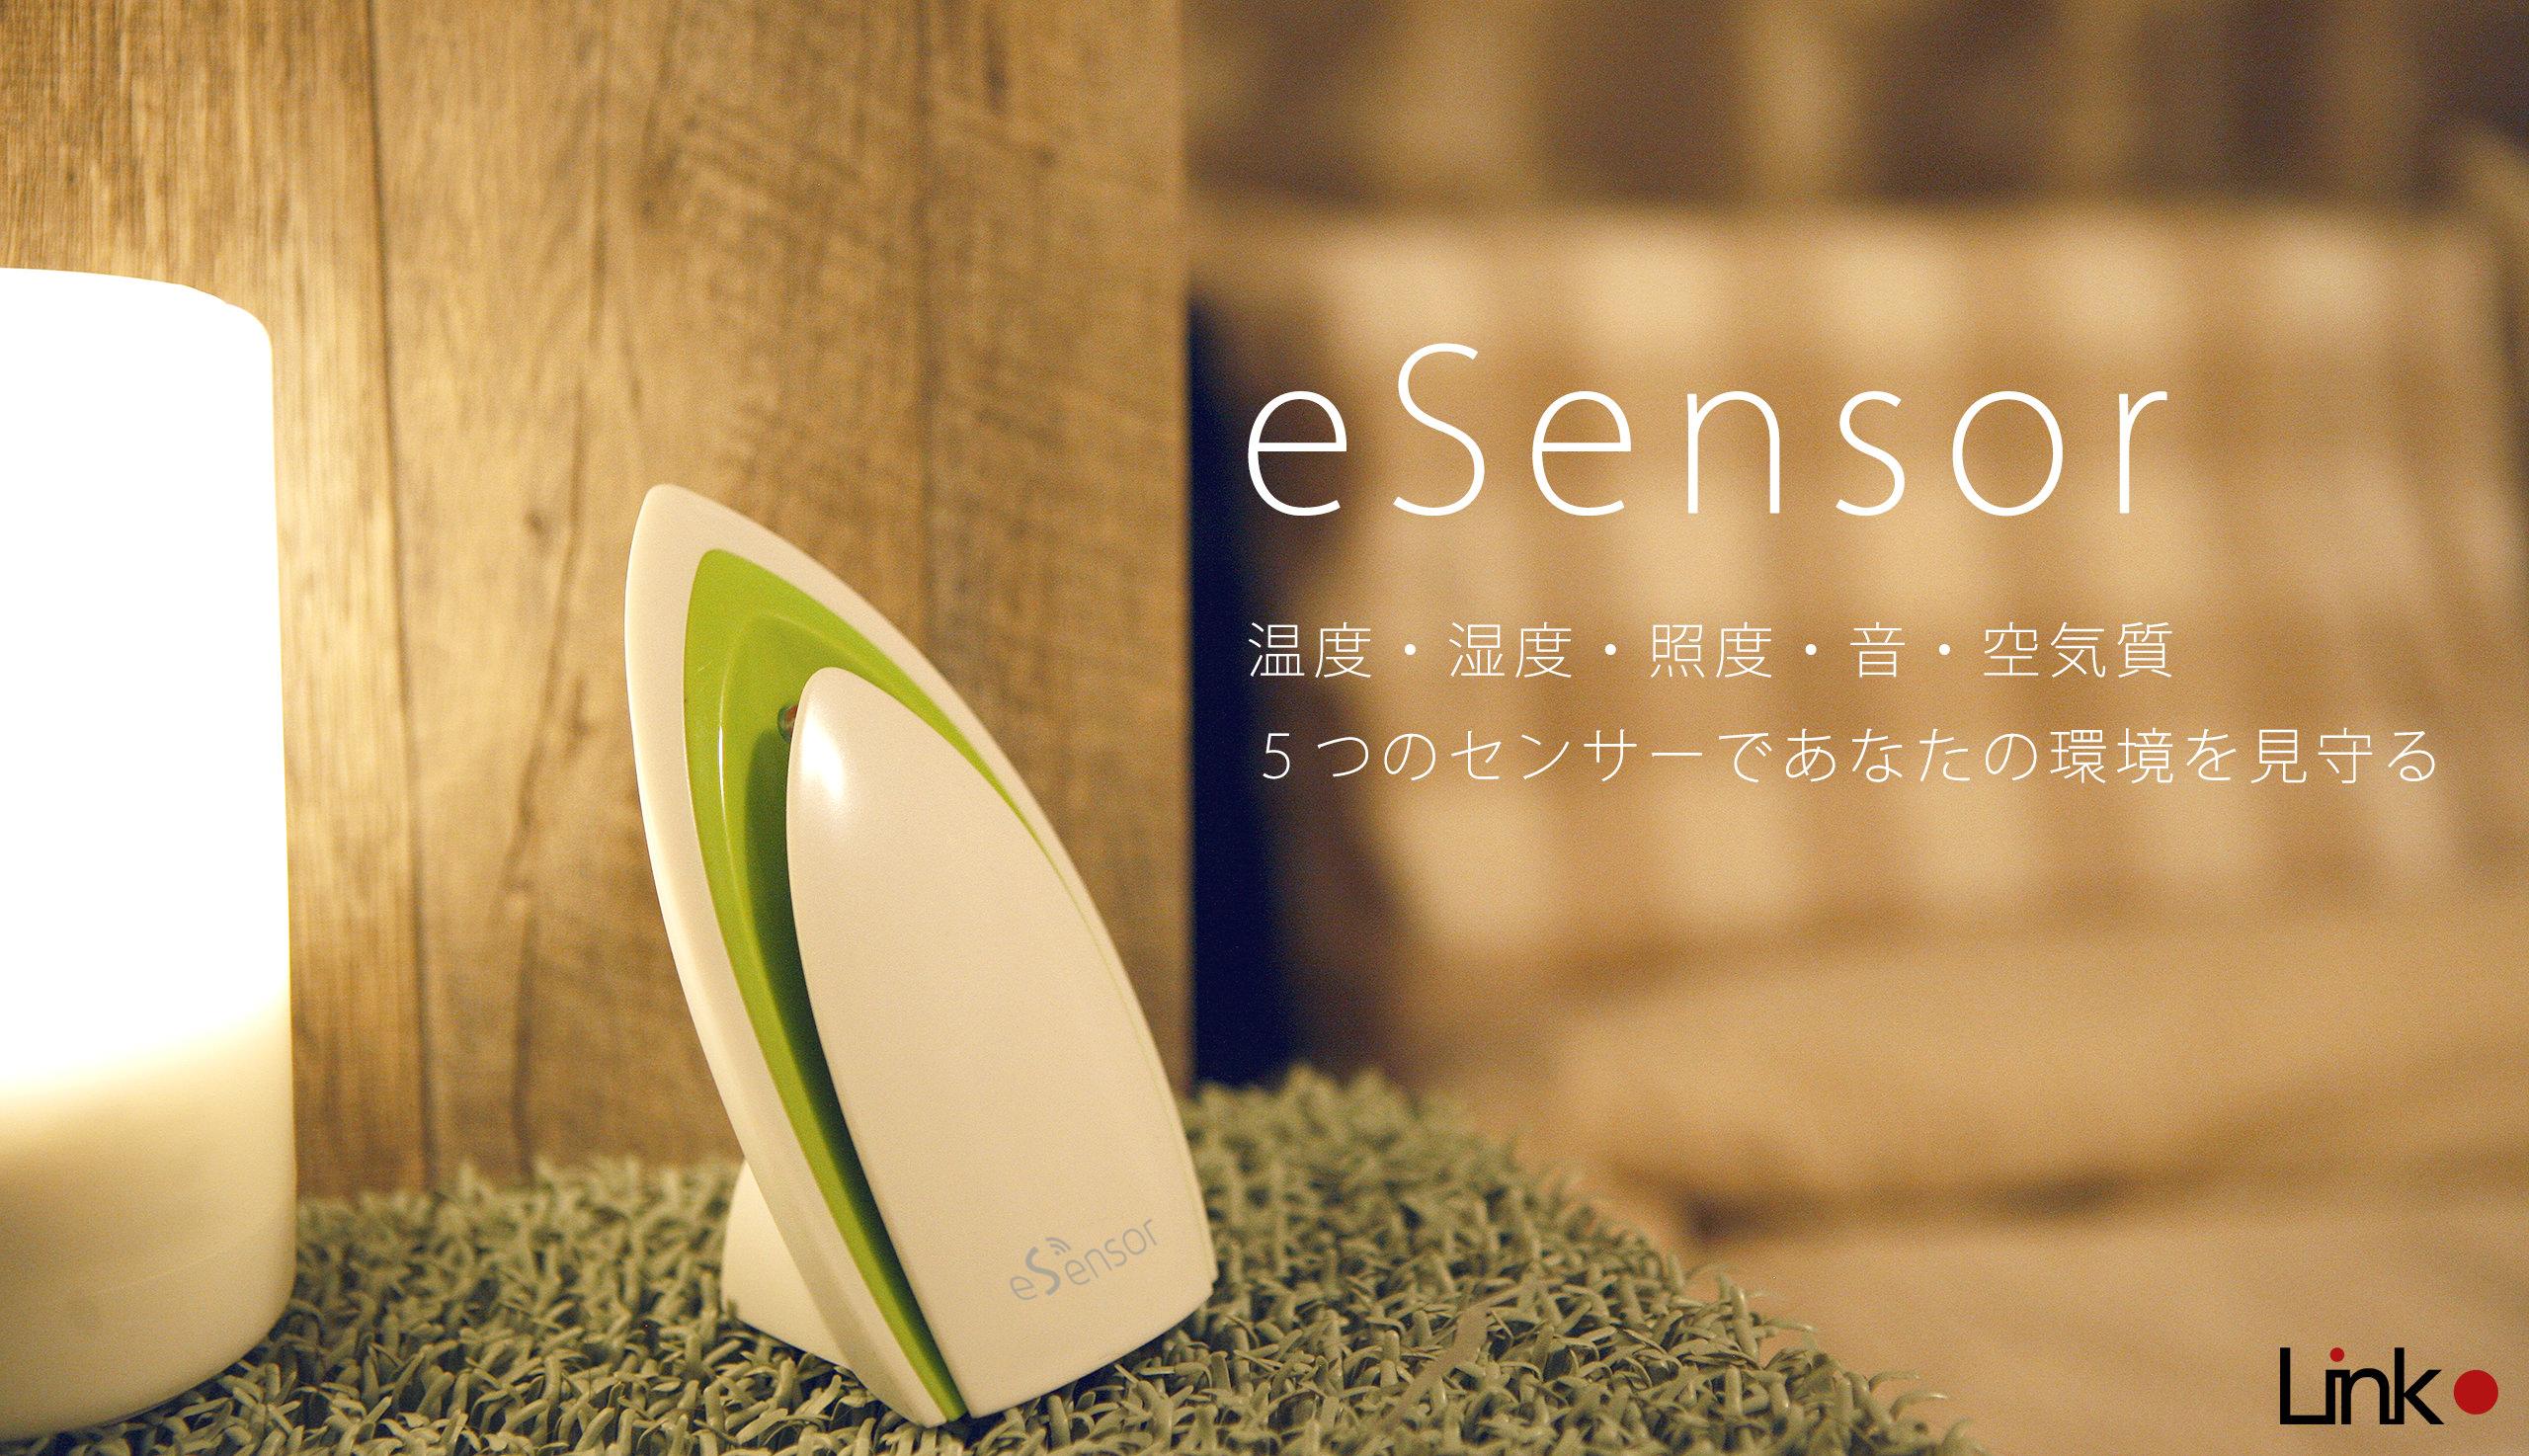 eSensor|IoT スマートホーム・IoT スマートハウス|Link Japanメイン画像